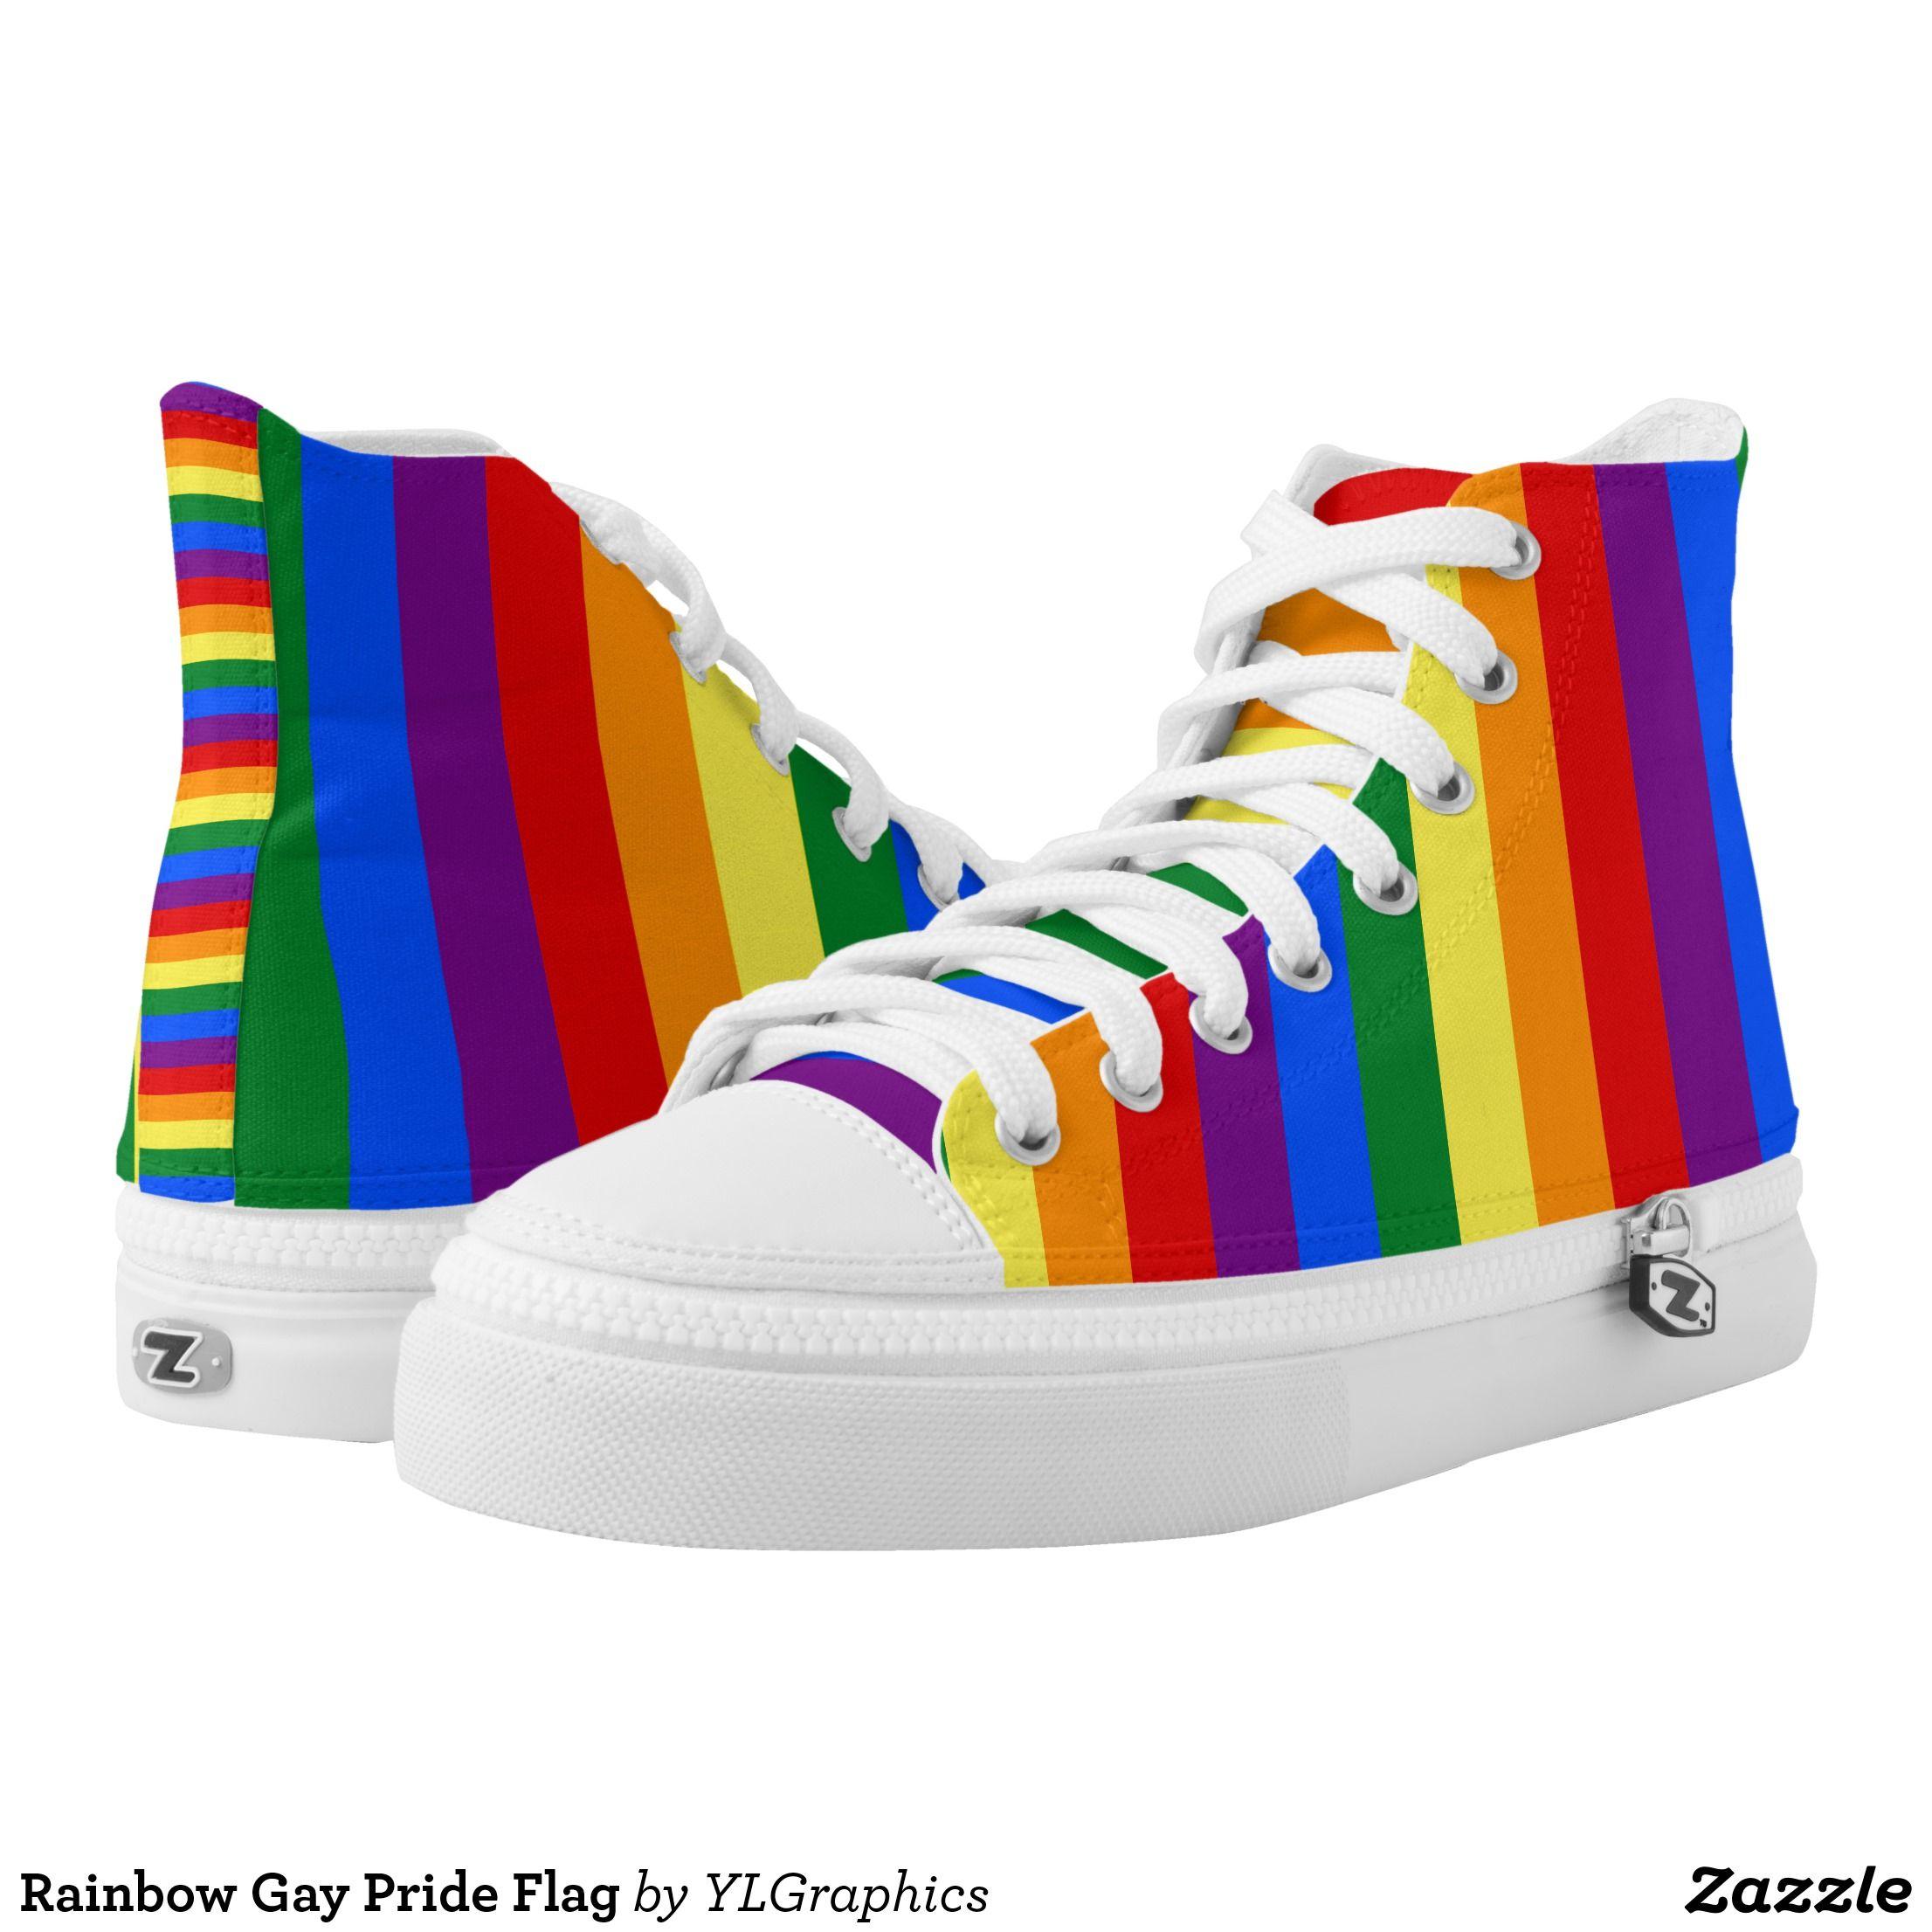 Pin on LGBTQIAPD+